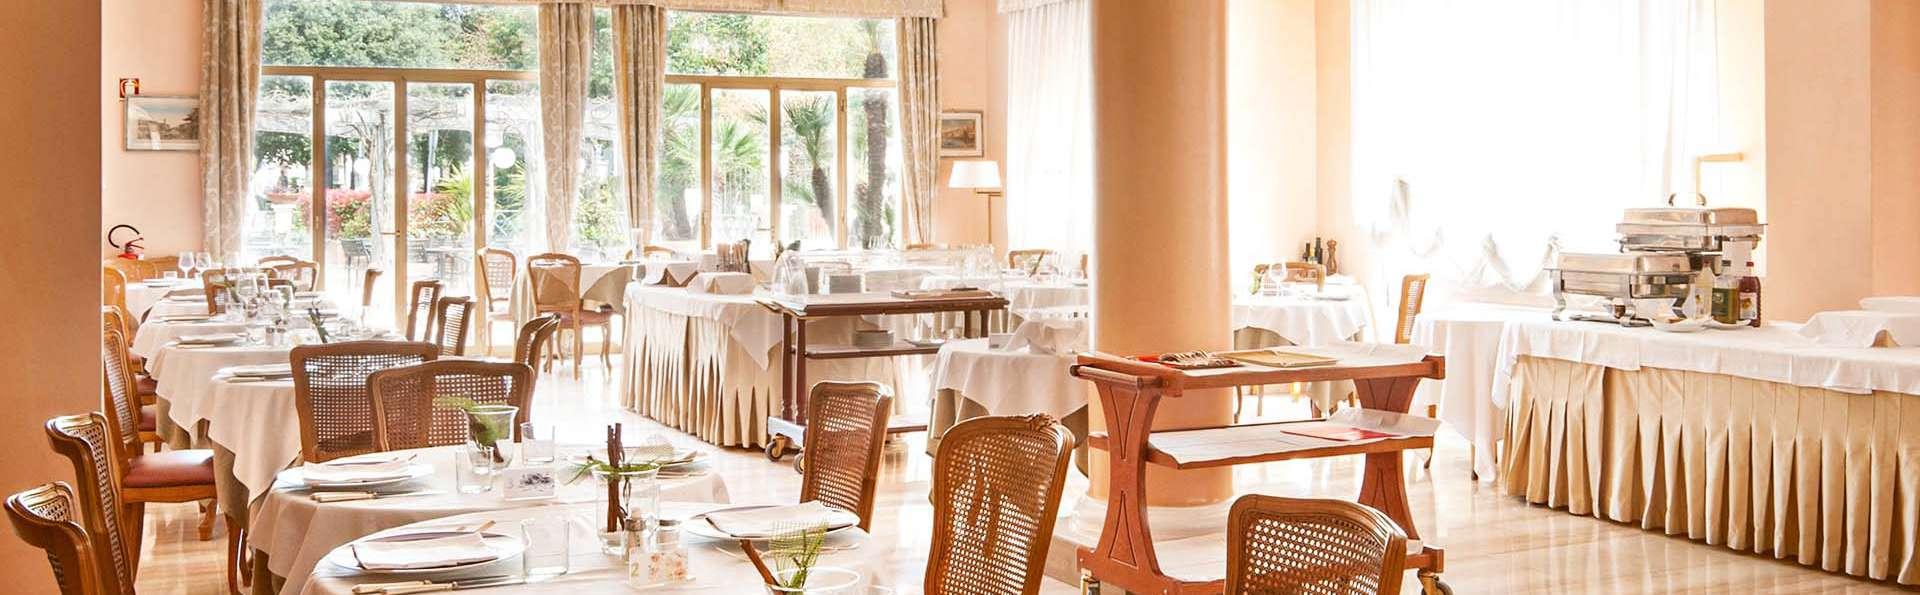 Week-end à Montecatini Terme, avec apéritif régional et dîner !